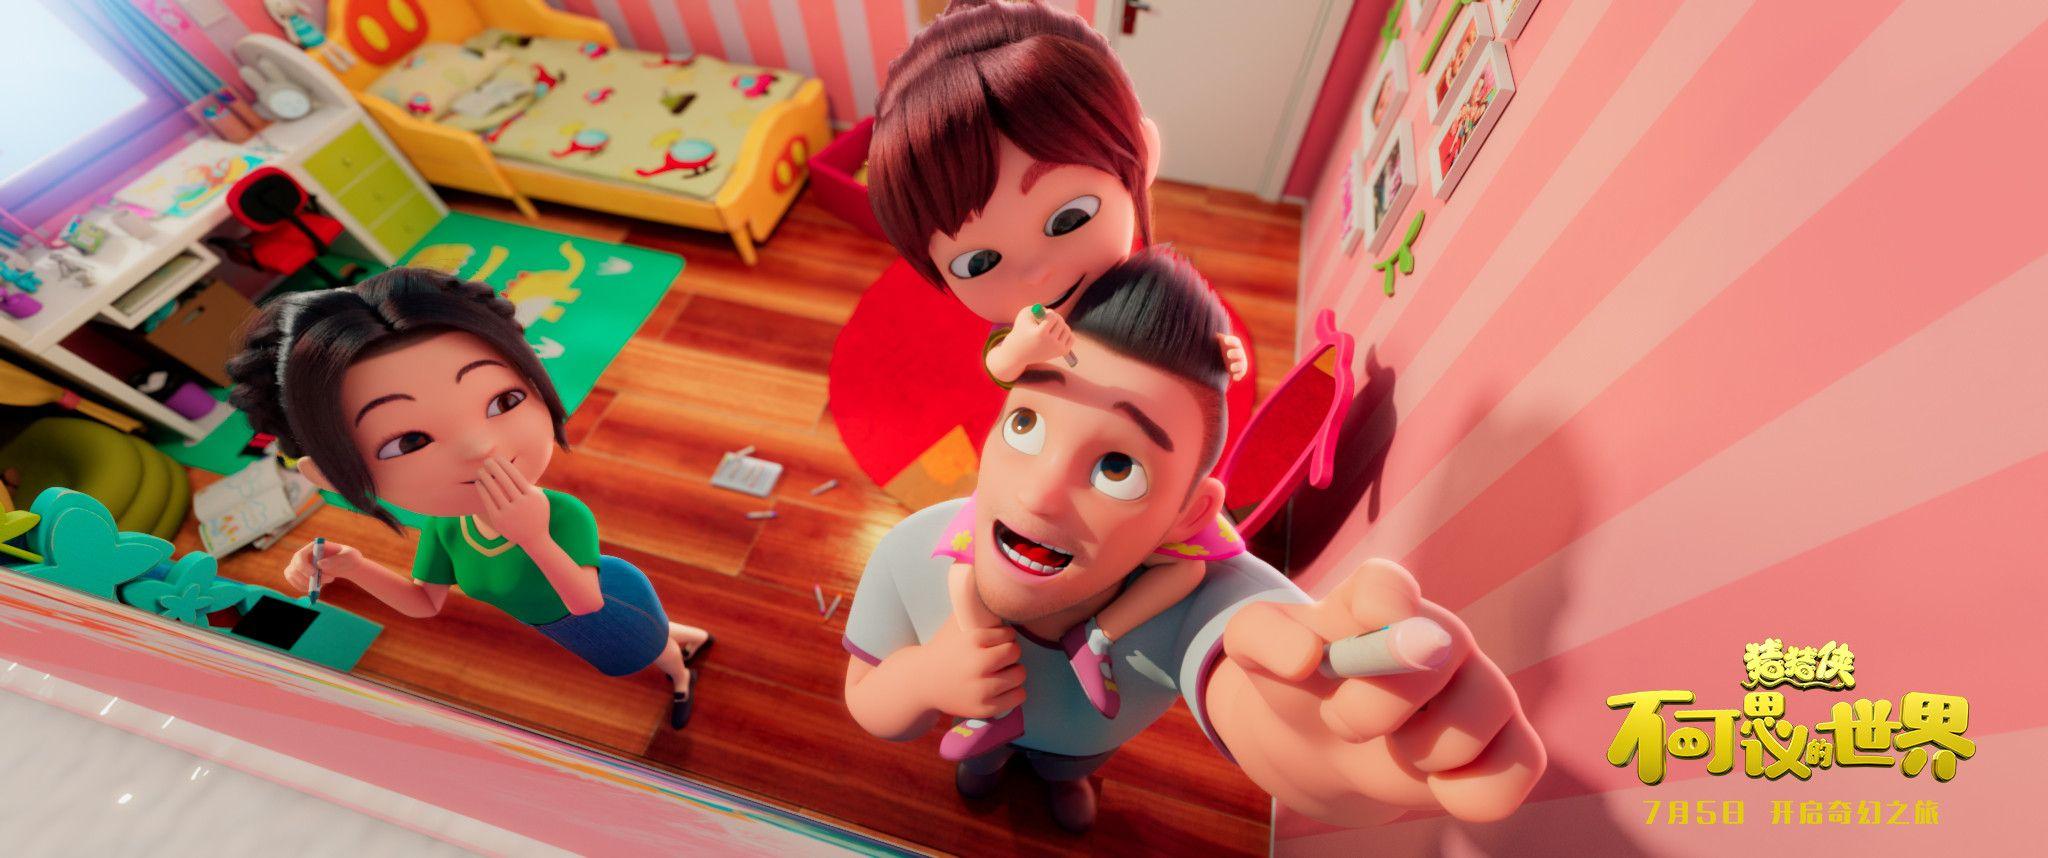 家长看完会反思的亲子成长影片,《猪猪侠》大